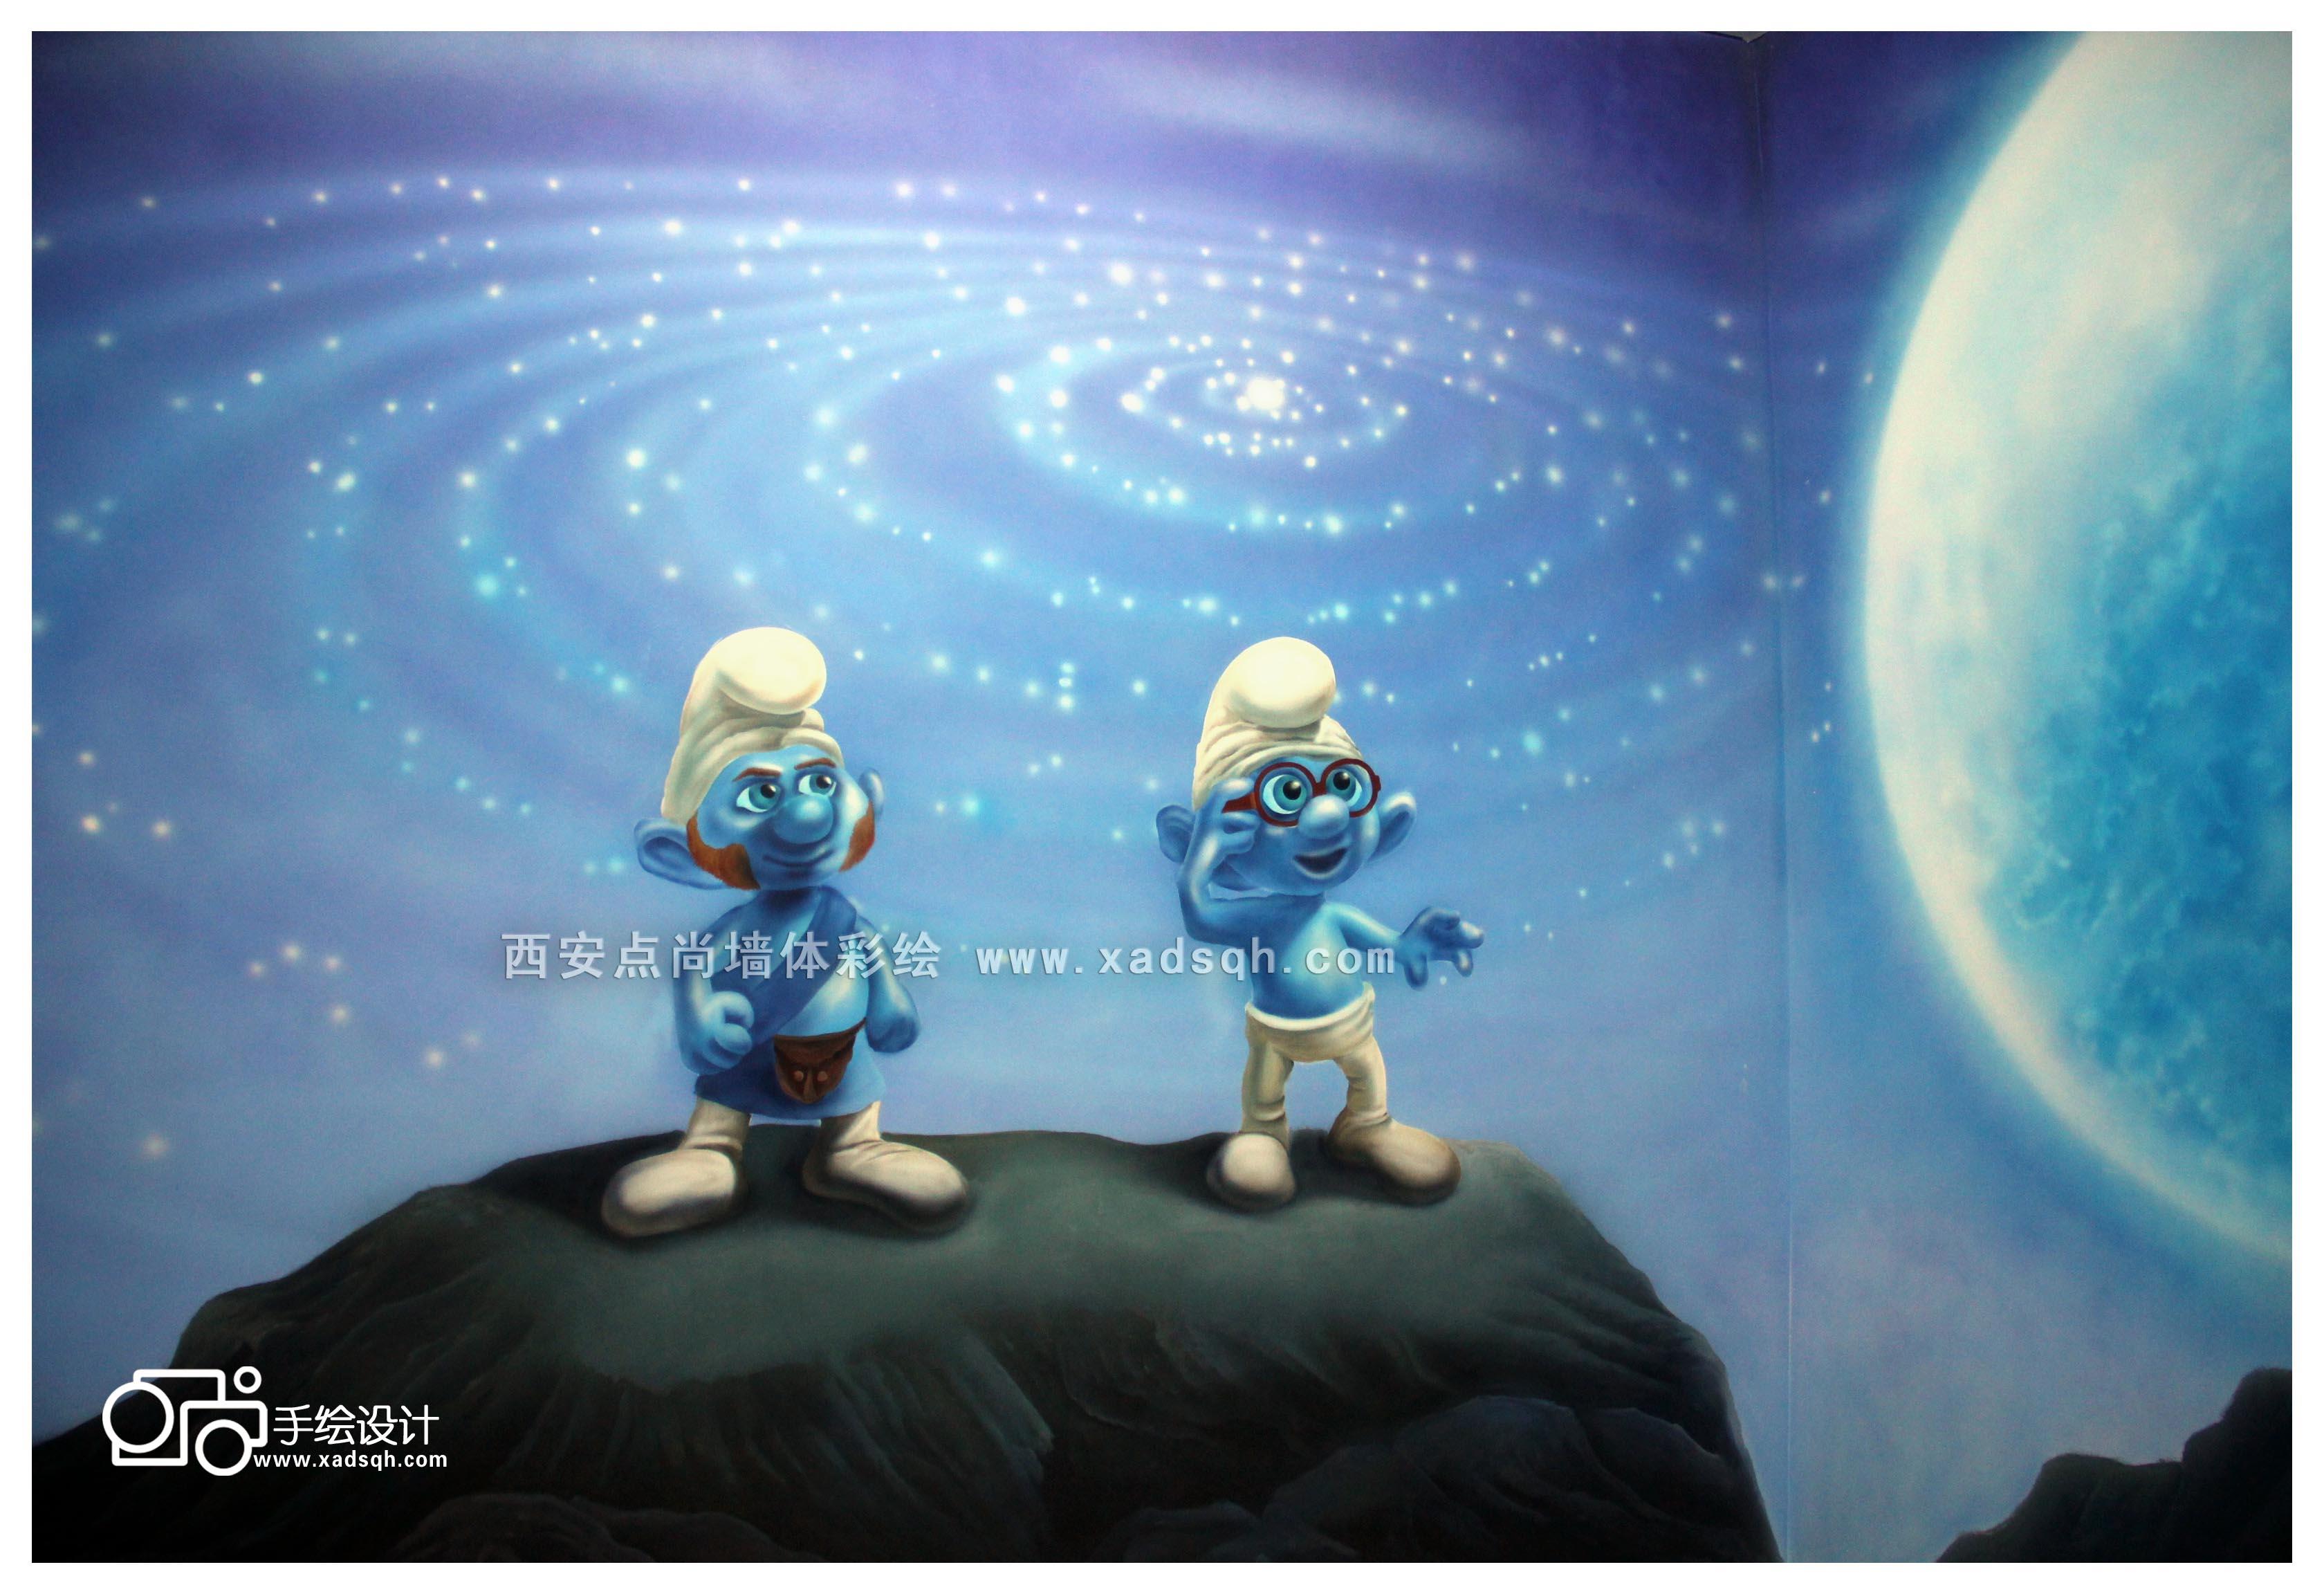 还有蓝妹妹柴柴,一群可爱的小家伙共同组成梦幻的蓝精灵主题包间.